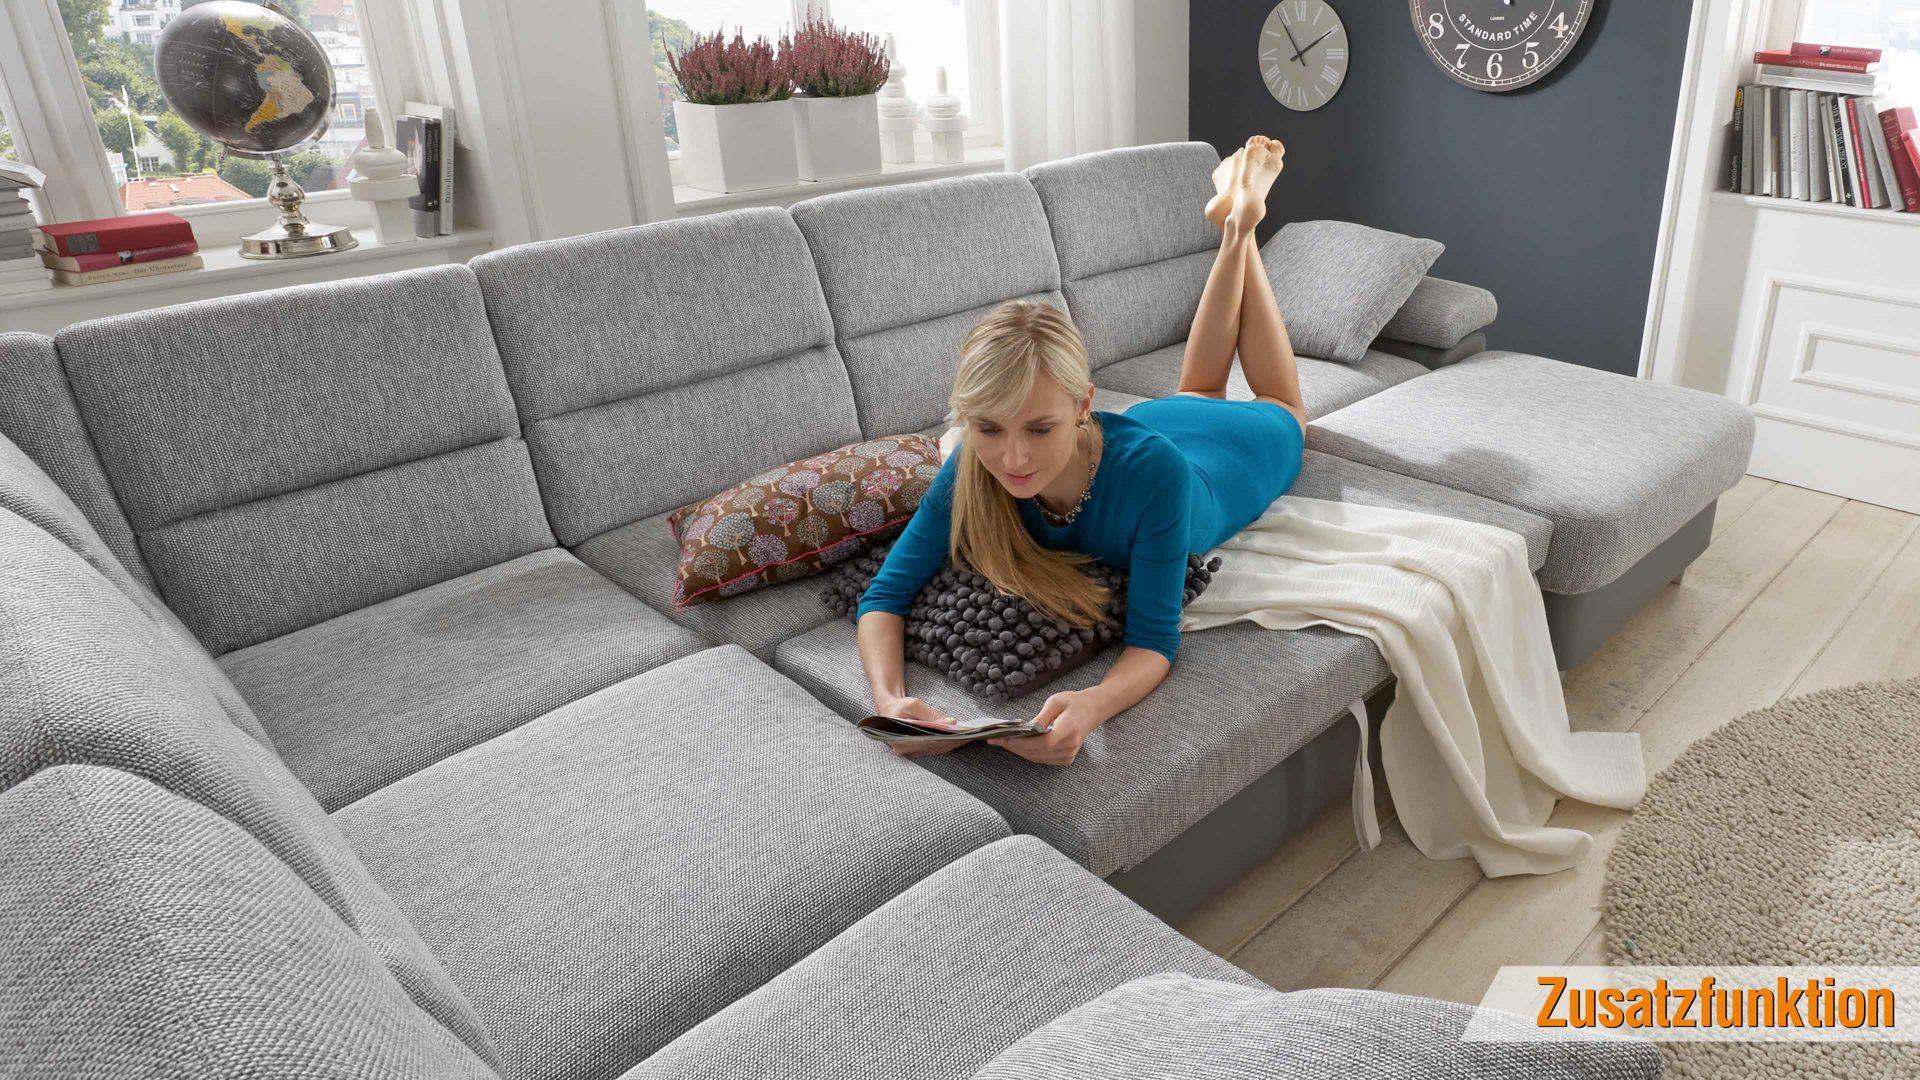 Eckcouch modern stoff  Eckcouch Modern Stoff | daredevz.com